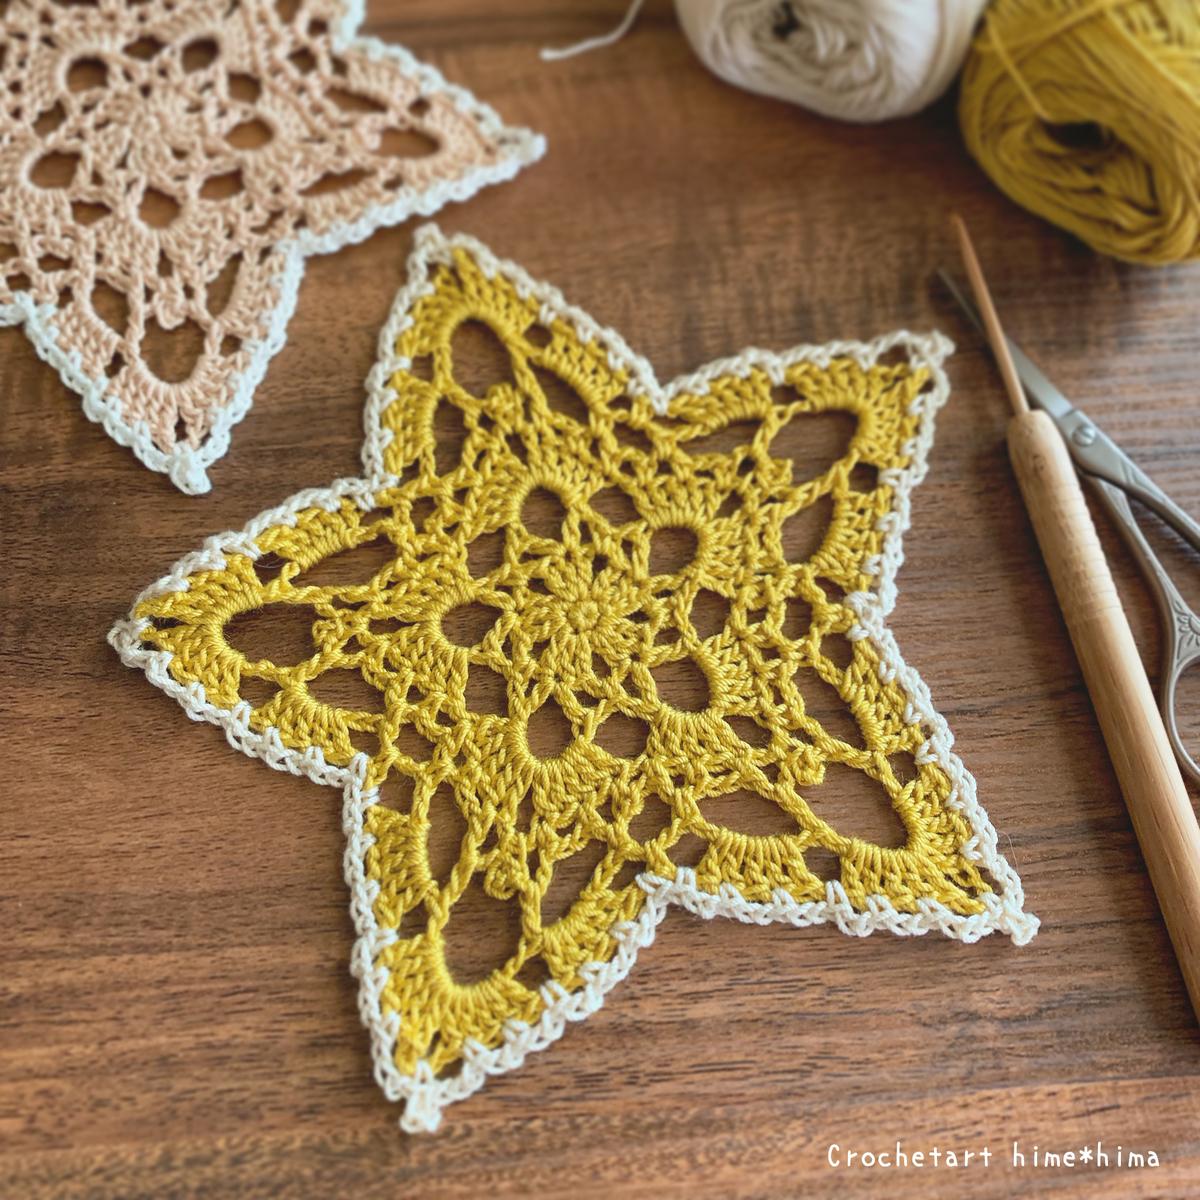 エミーグランデハーブスで編む星形のドイリー